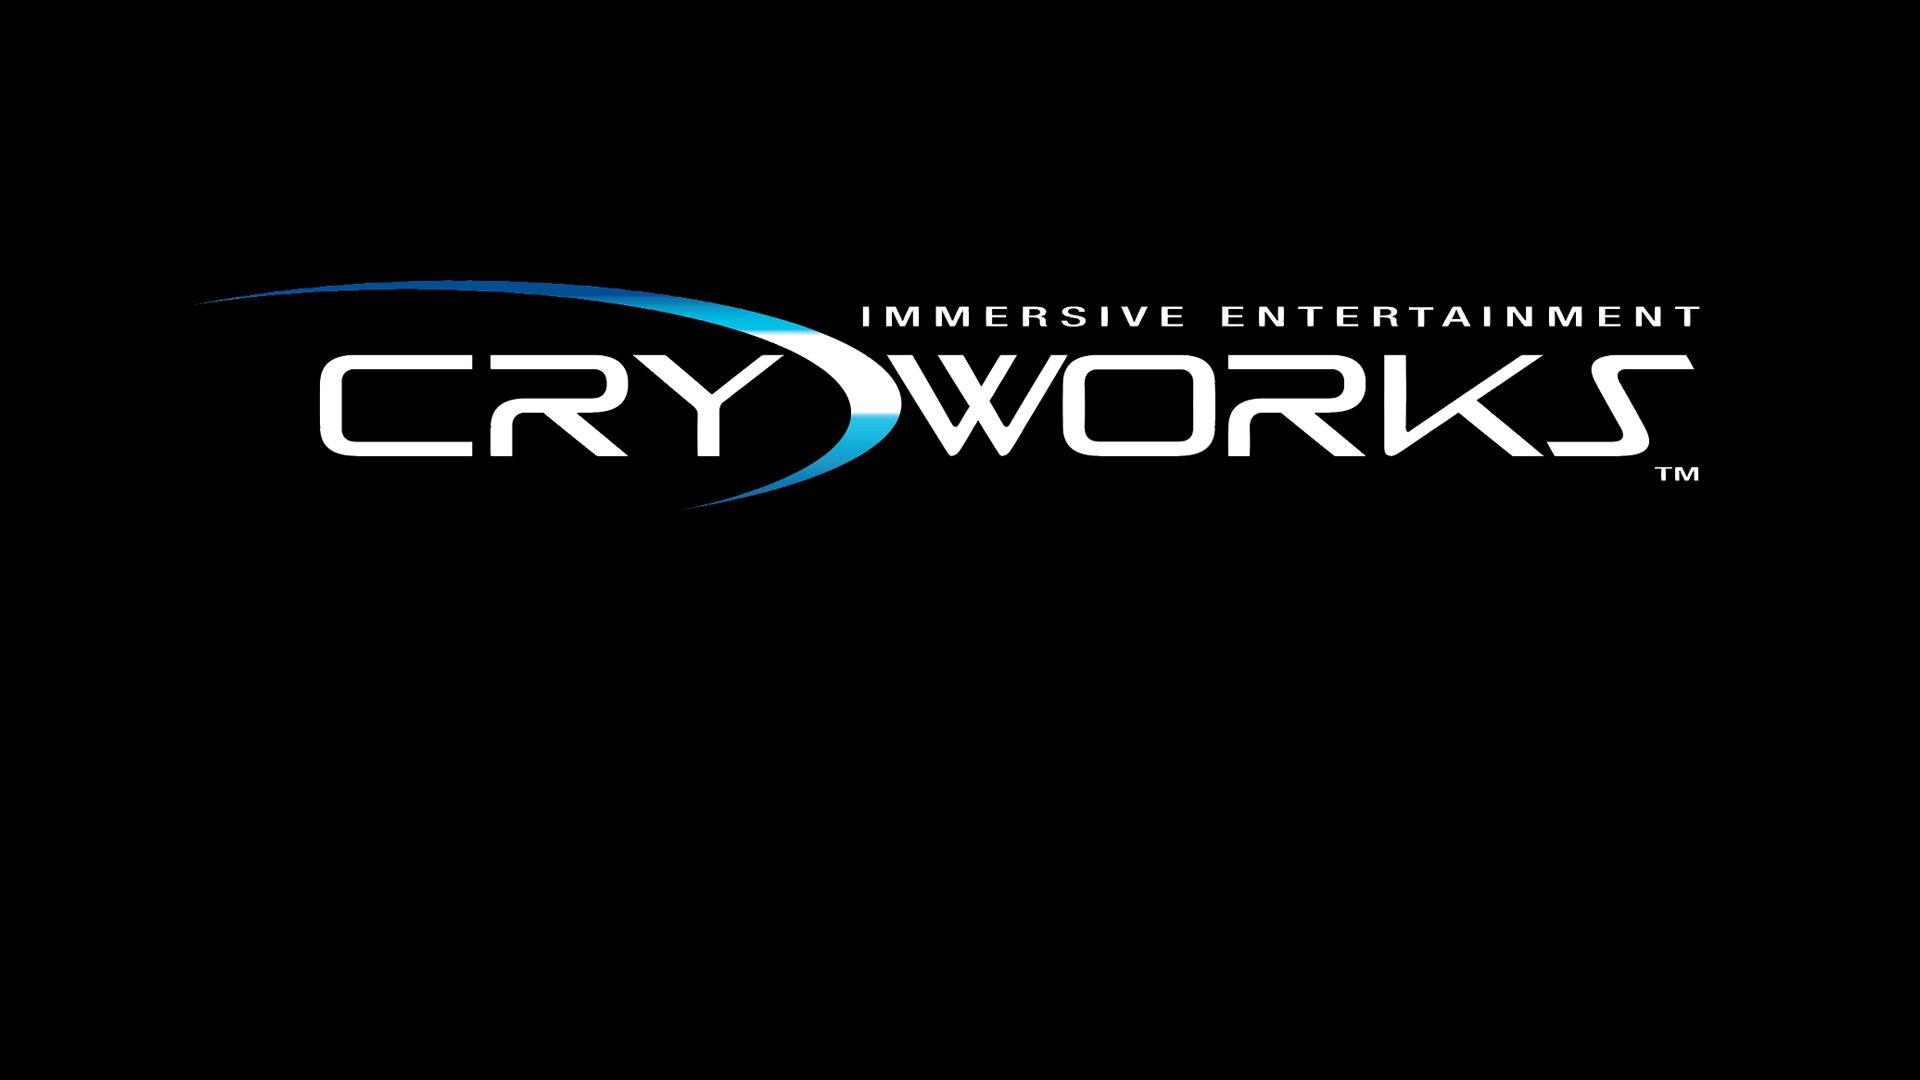 Cryworks